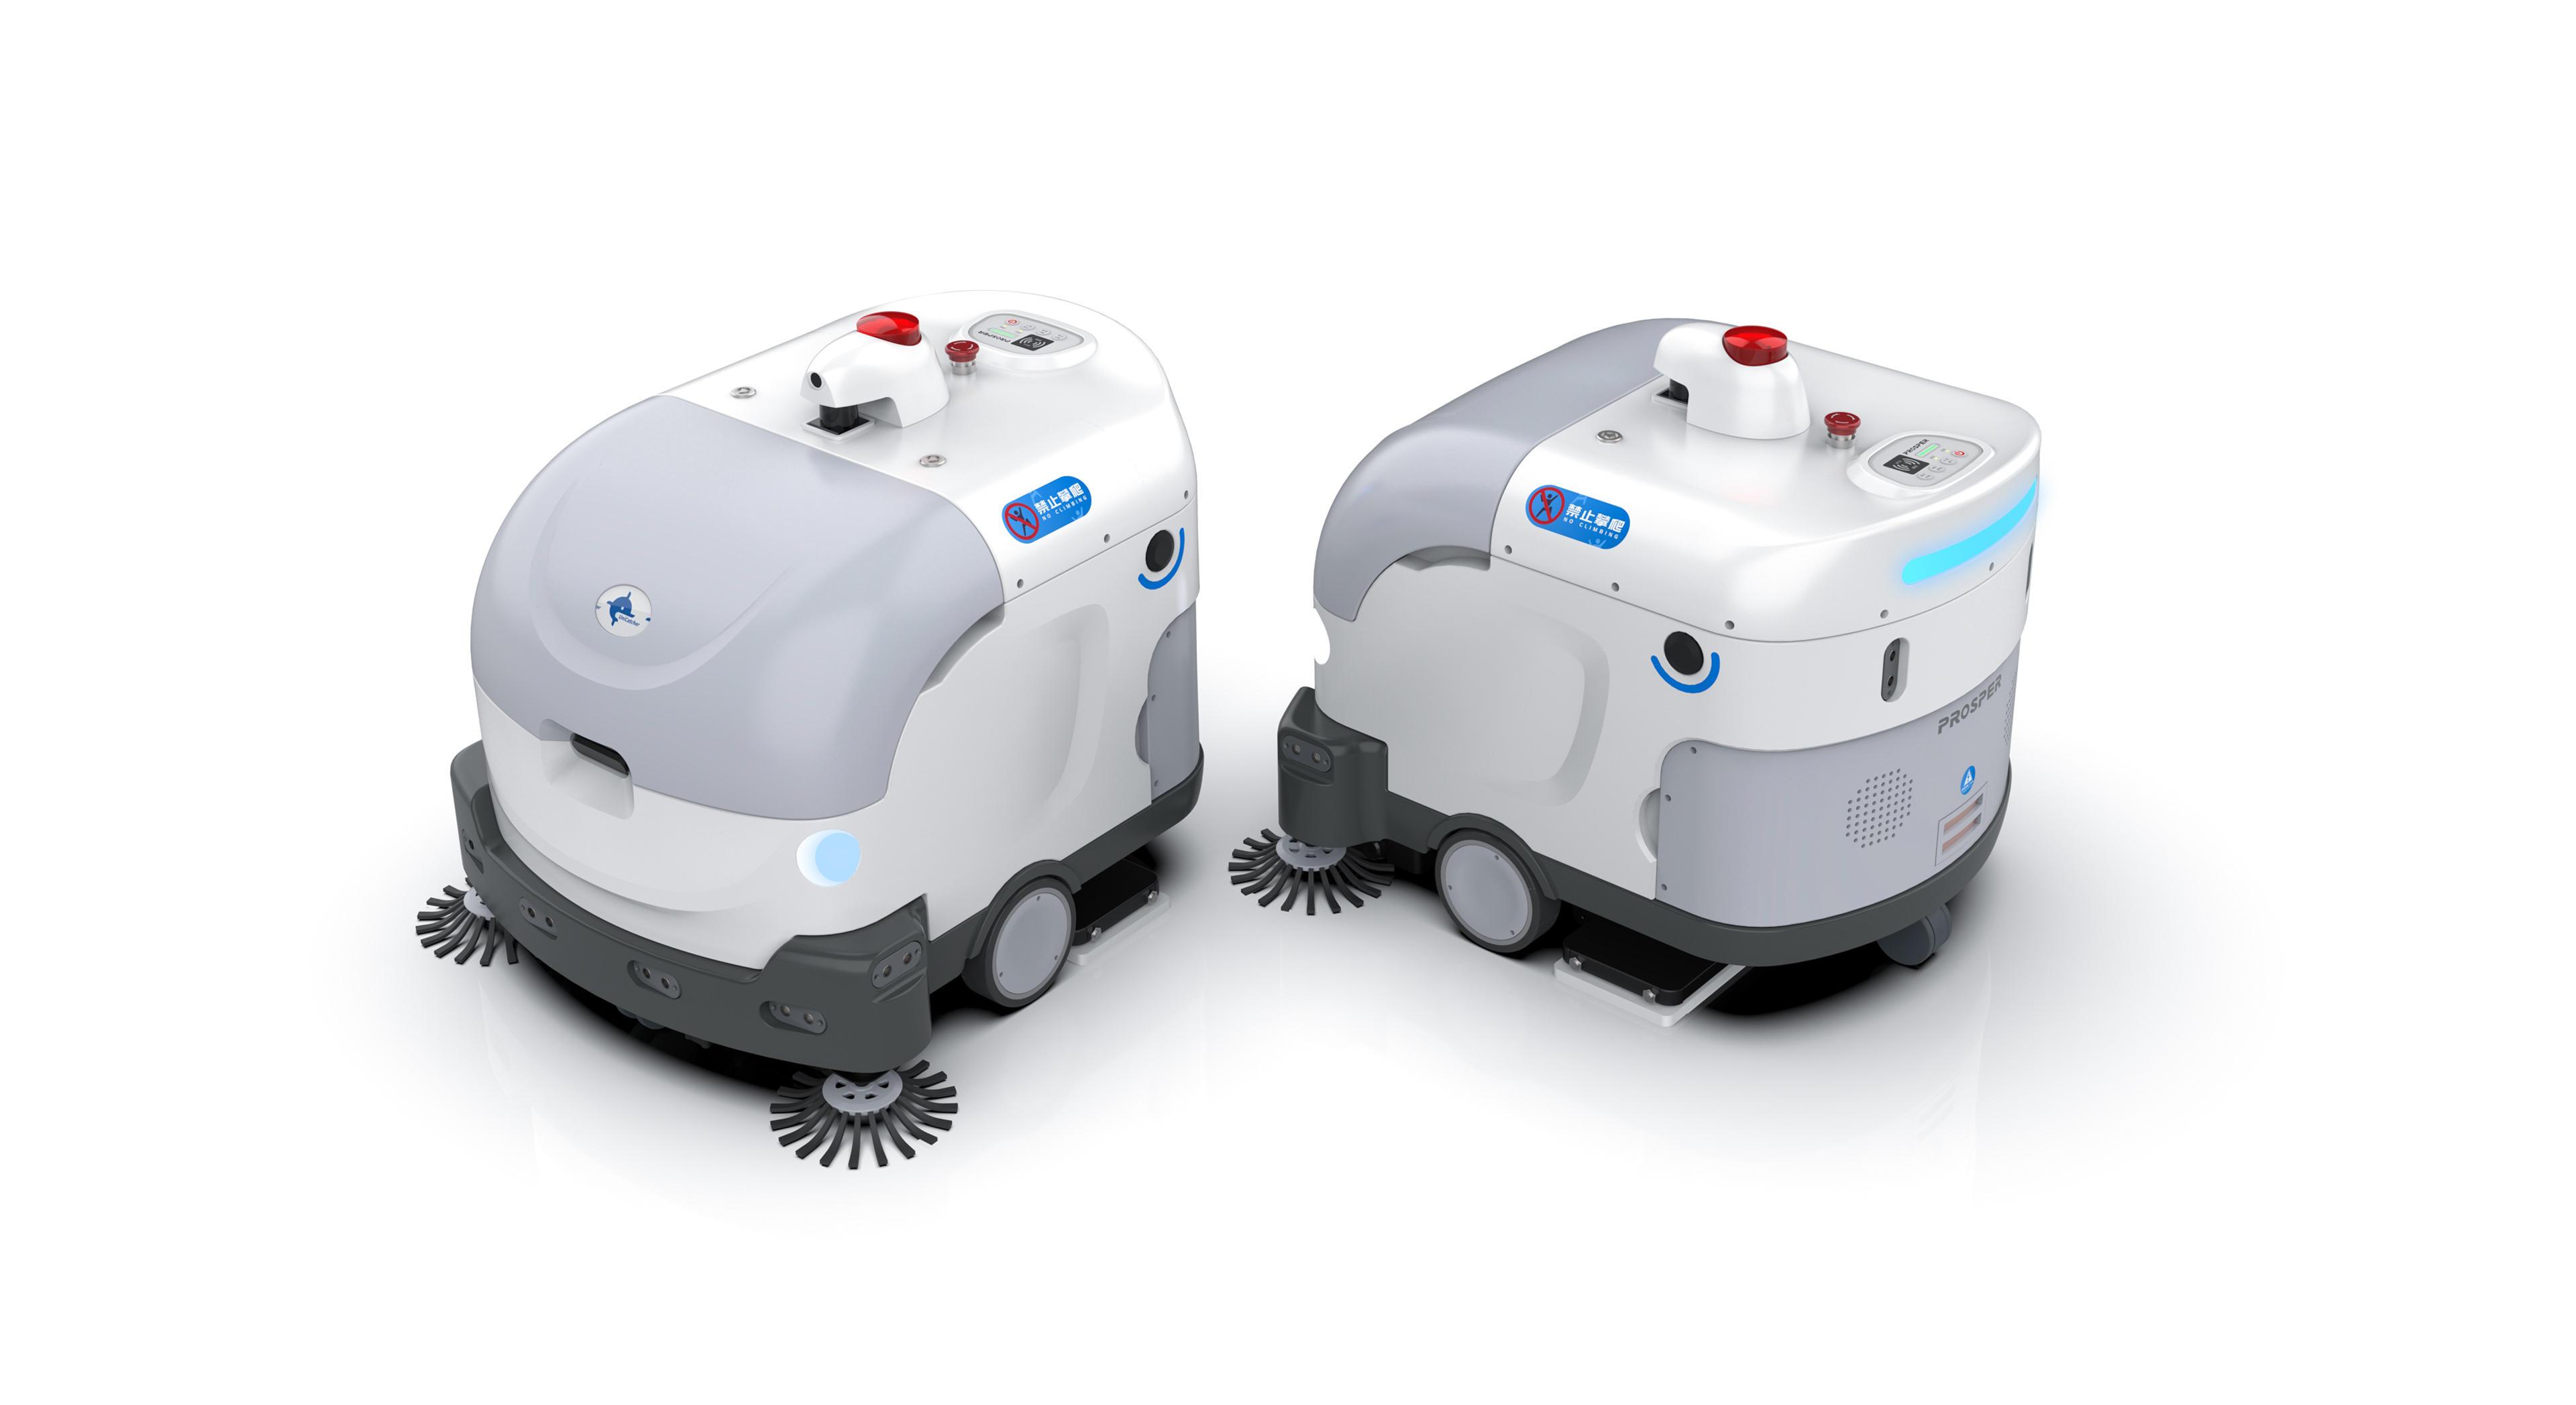 """「普诺思博」聚焦智能运动平台,打造""""清洁机器人"""